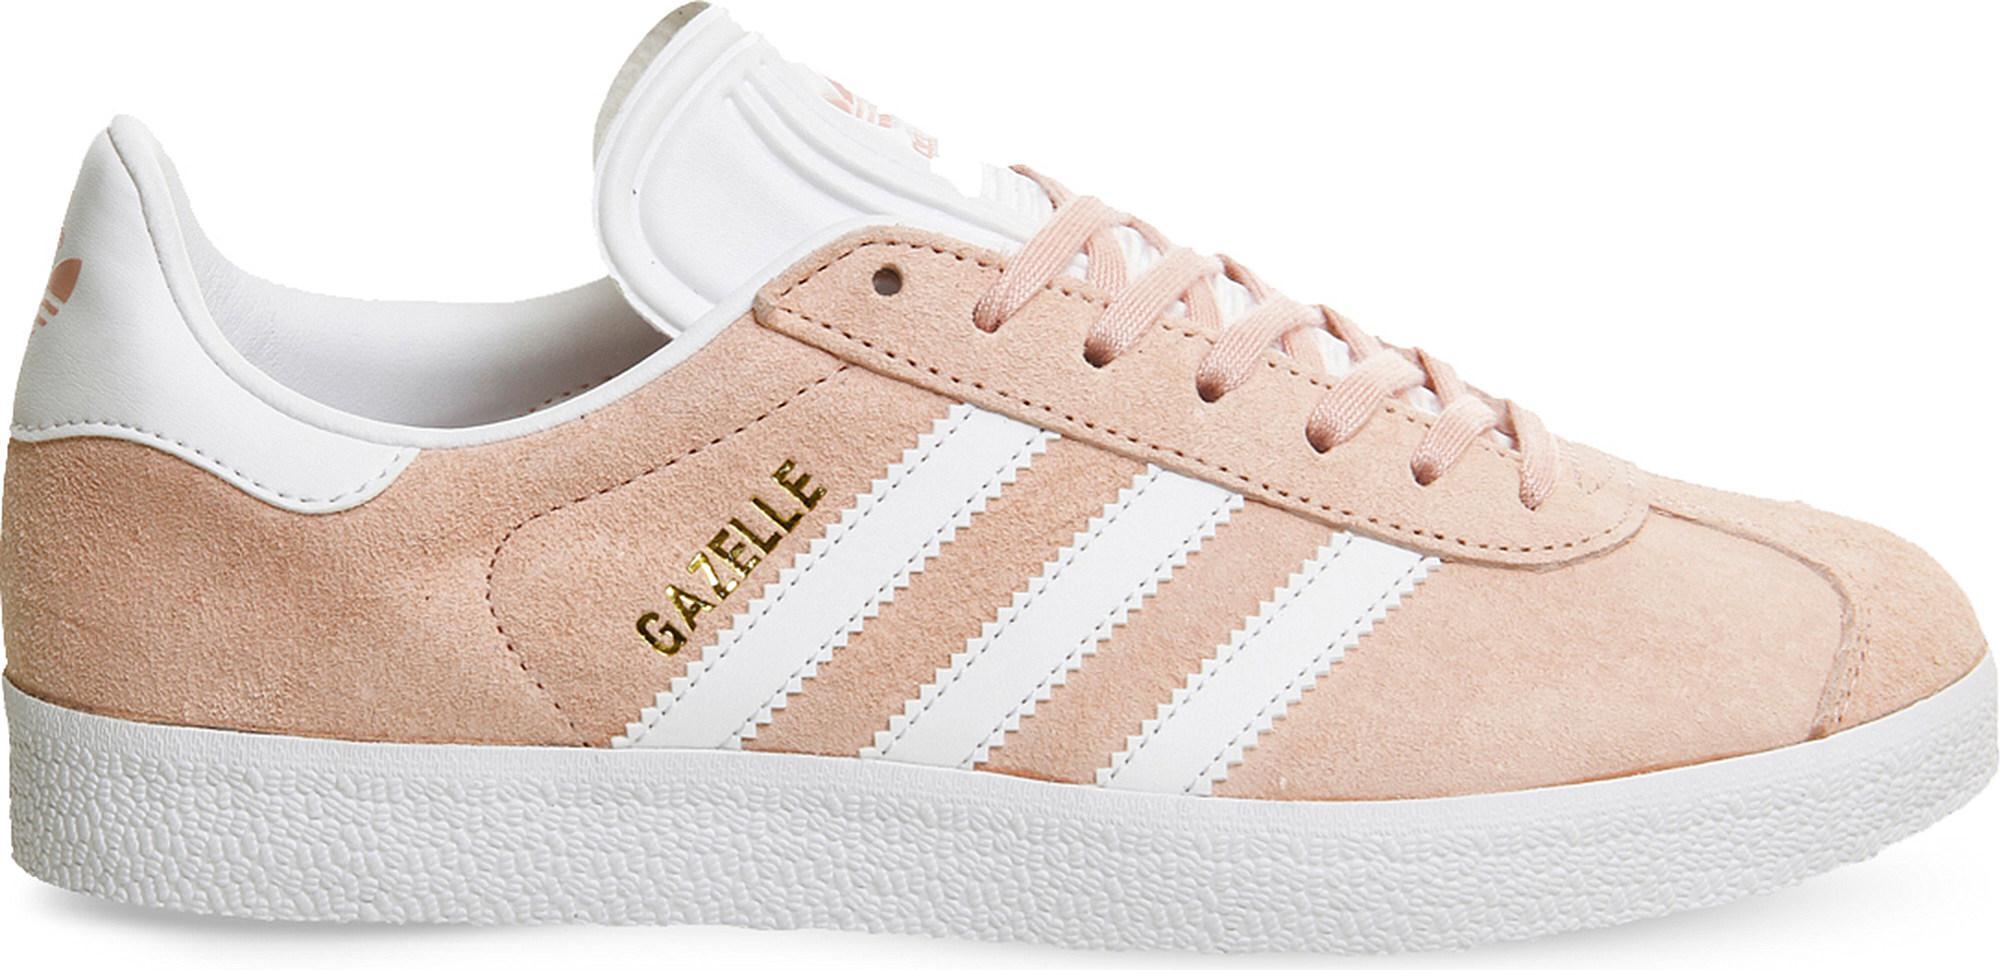 lyst adidas gazelle wildleder ausbilder in pink, 10% sparen